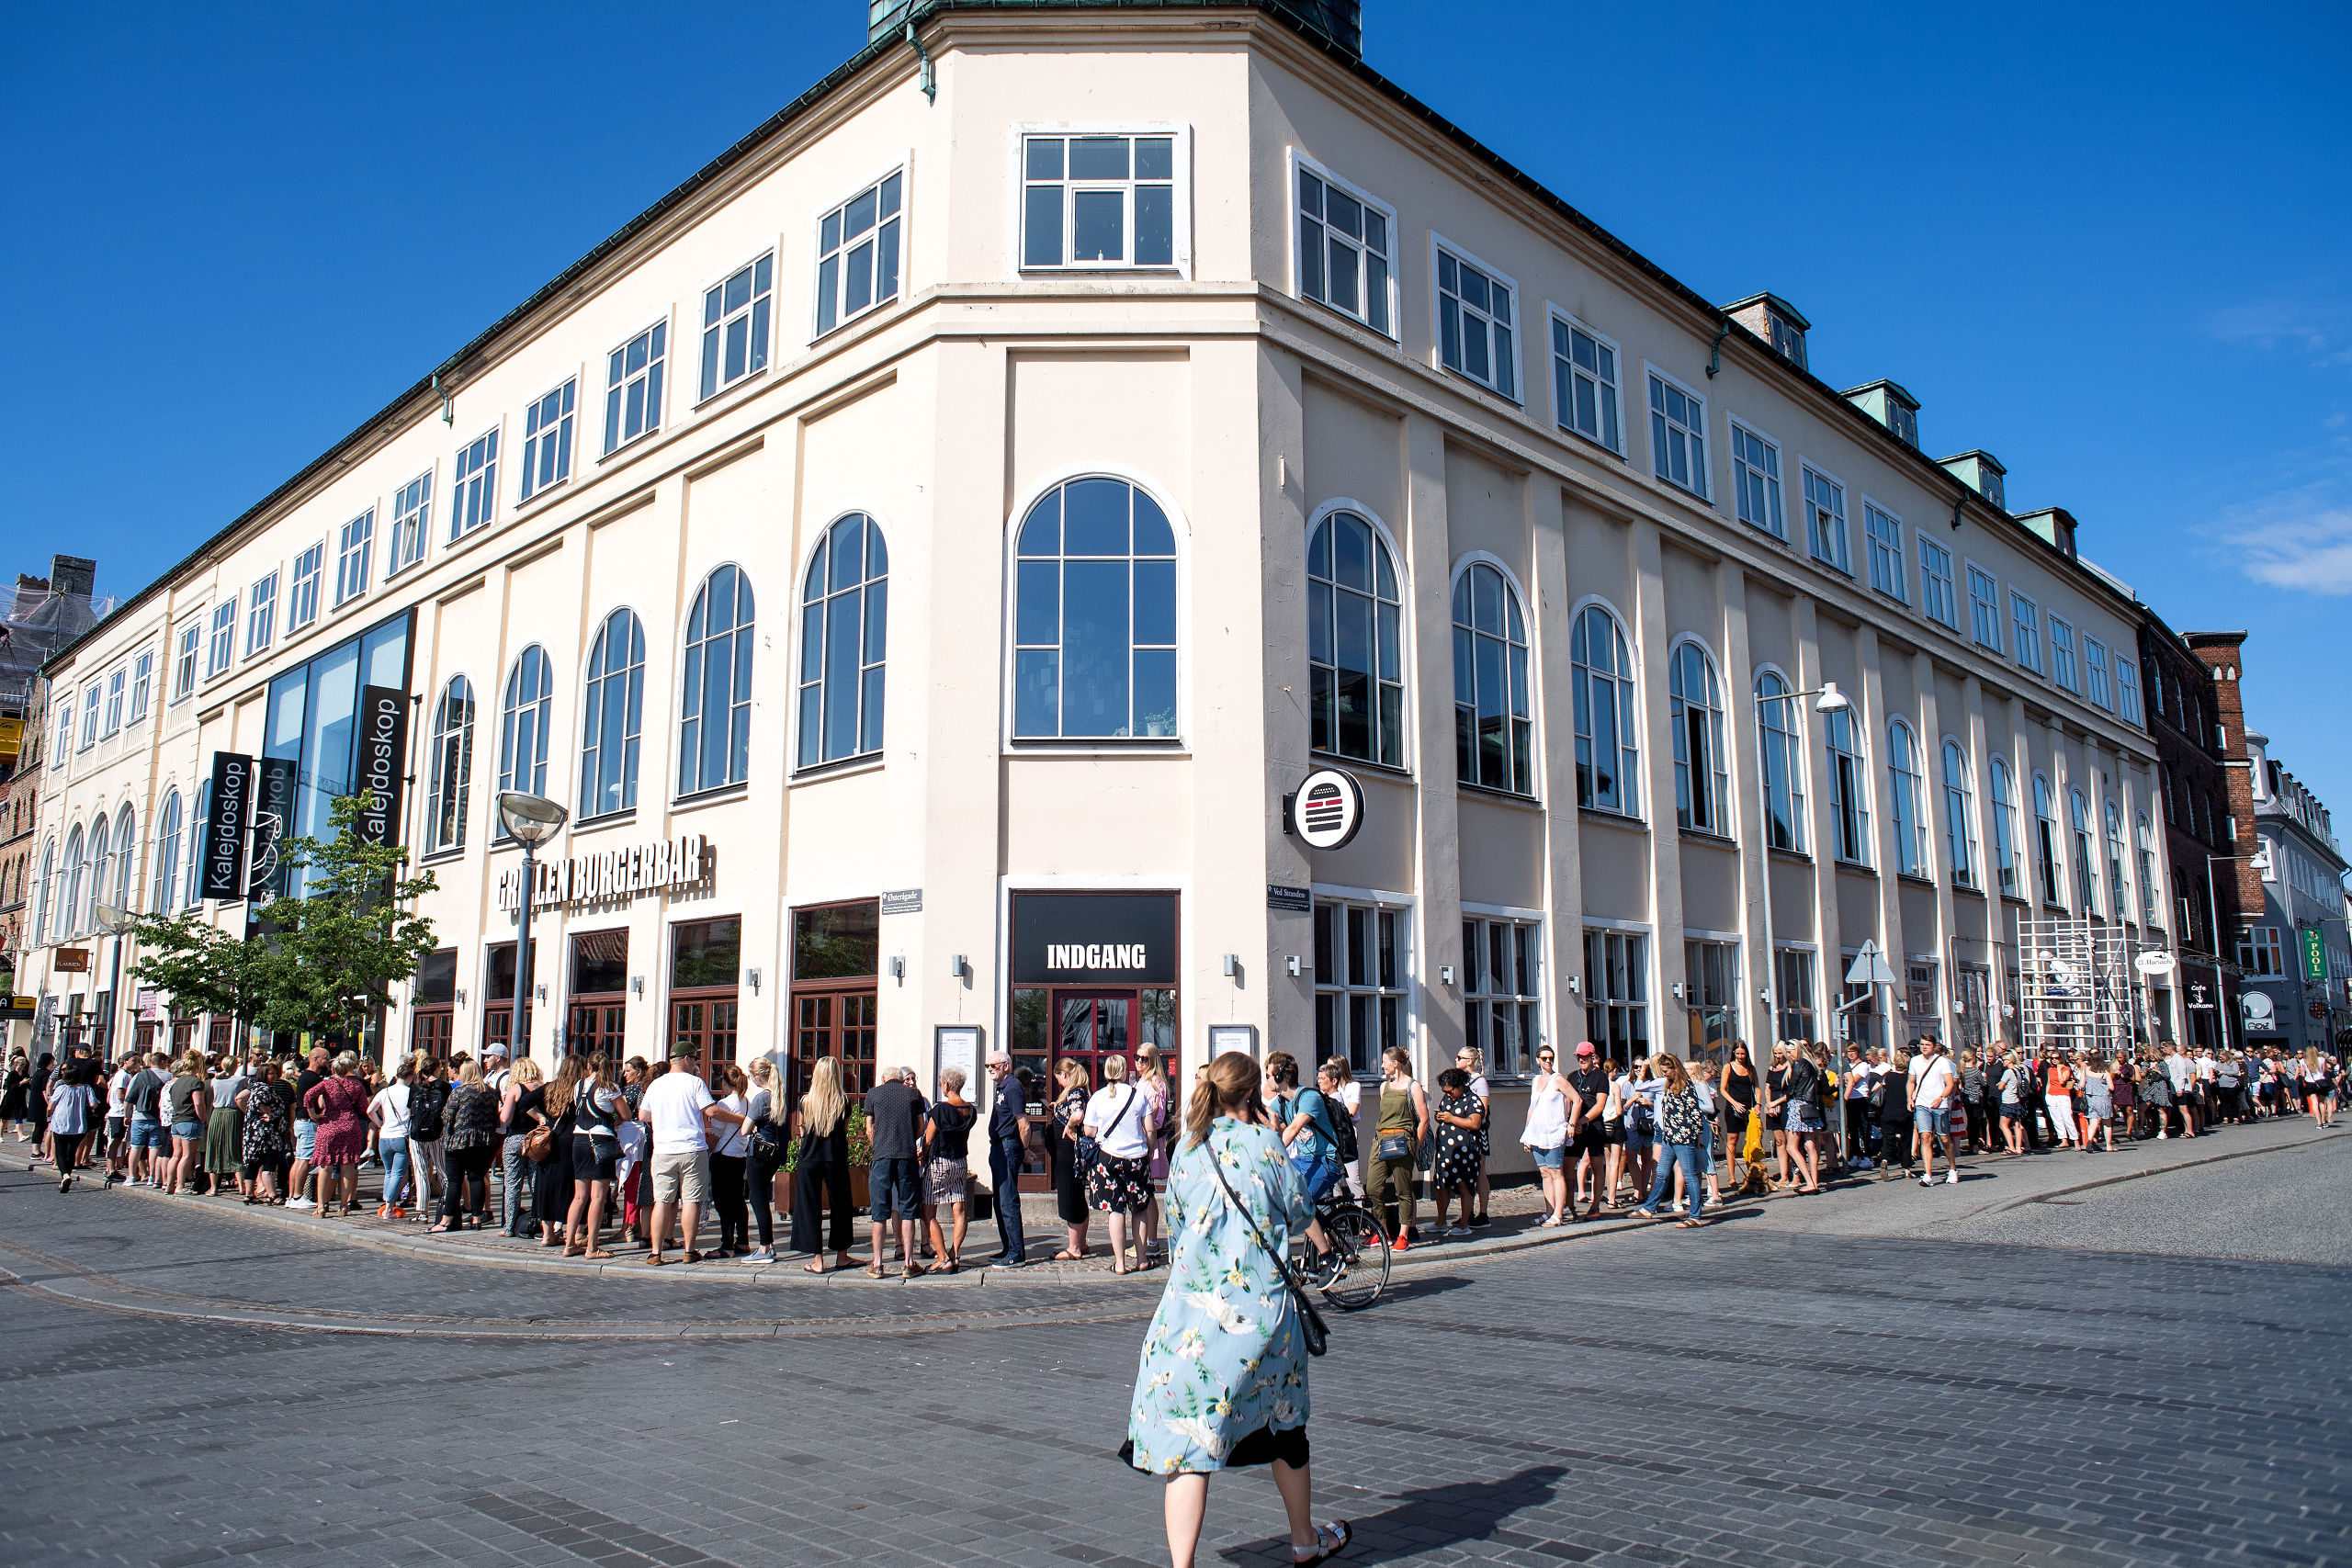 Interessen for at komme til konkurssalg i Kalejdoskop onsdag var helt enorm. Ved åbningstid kl. 10 strakte køen sig langt ned ad Ved Stranden.